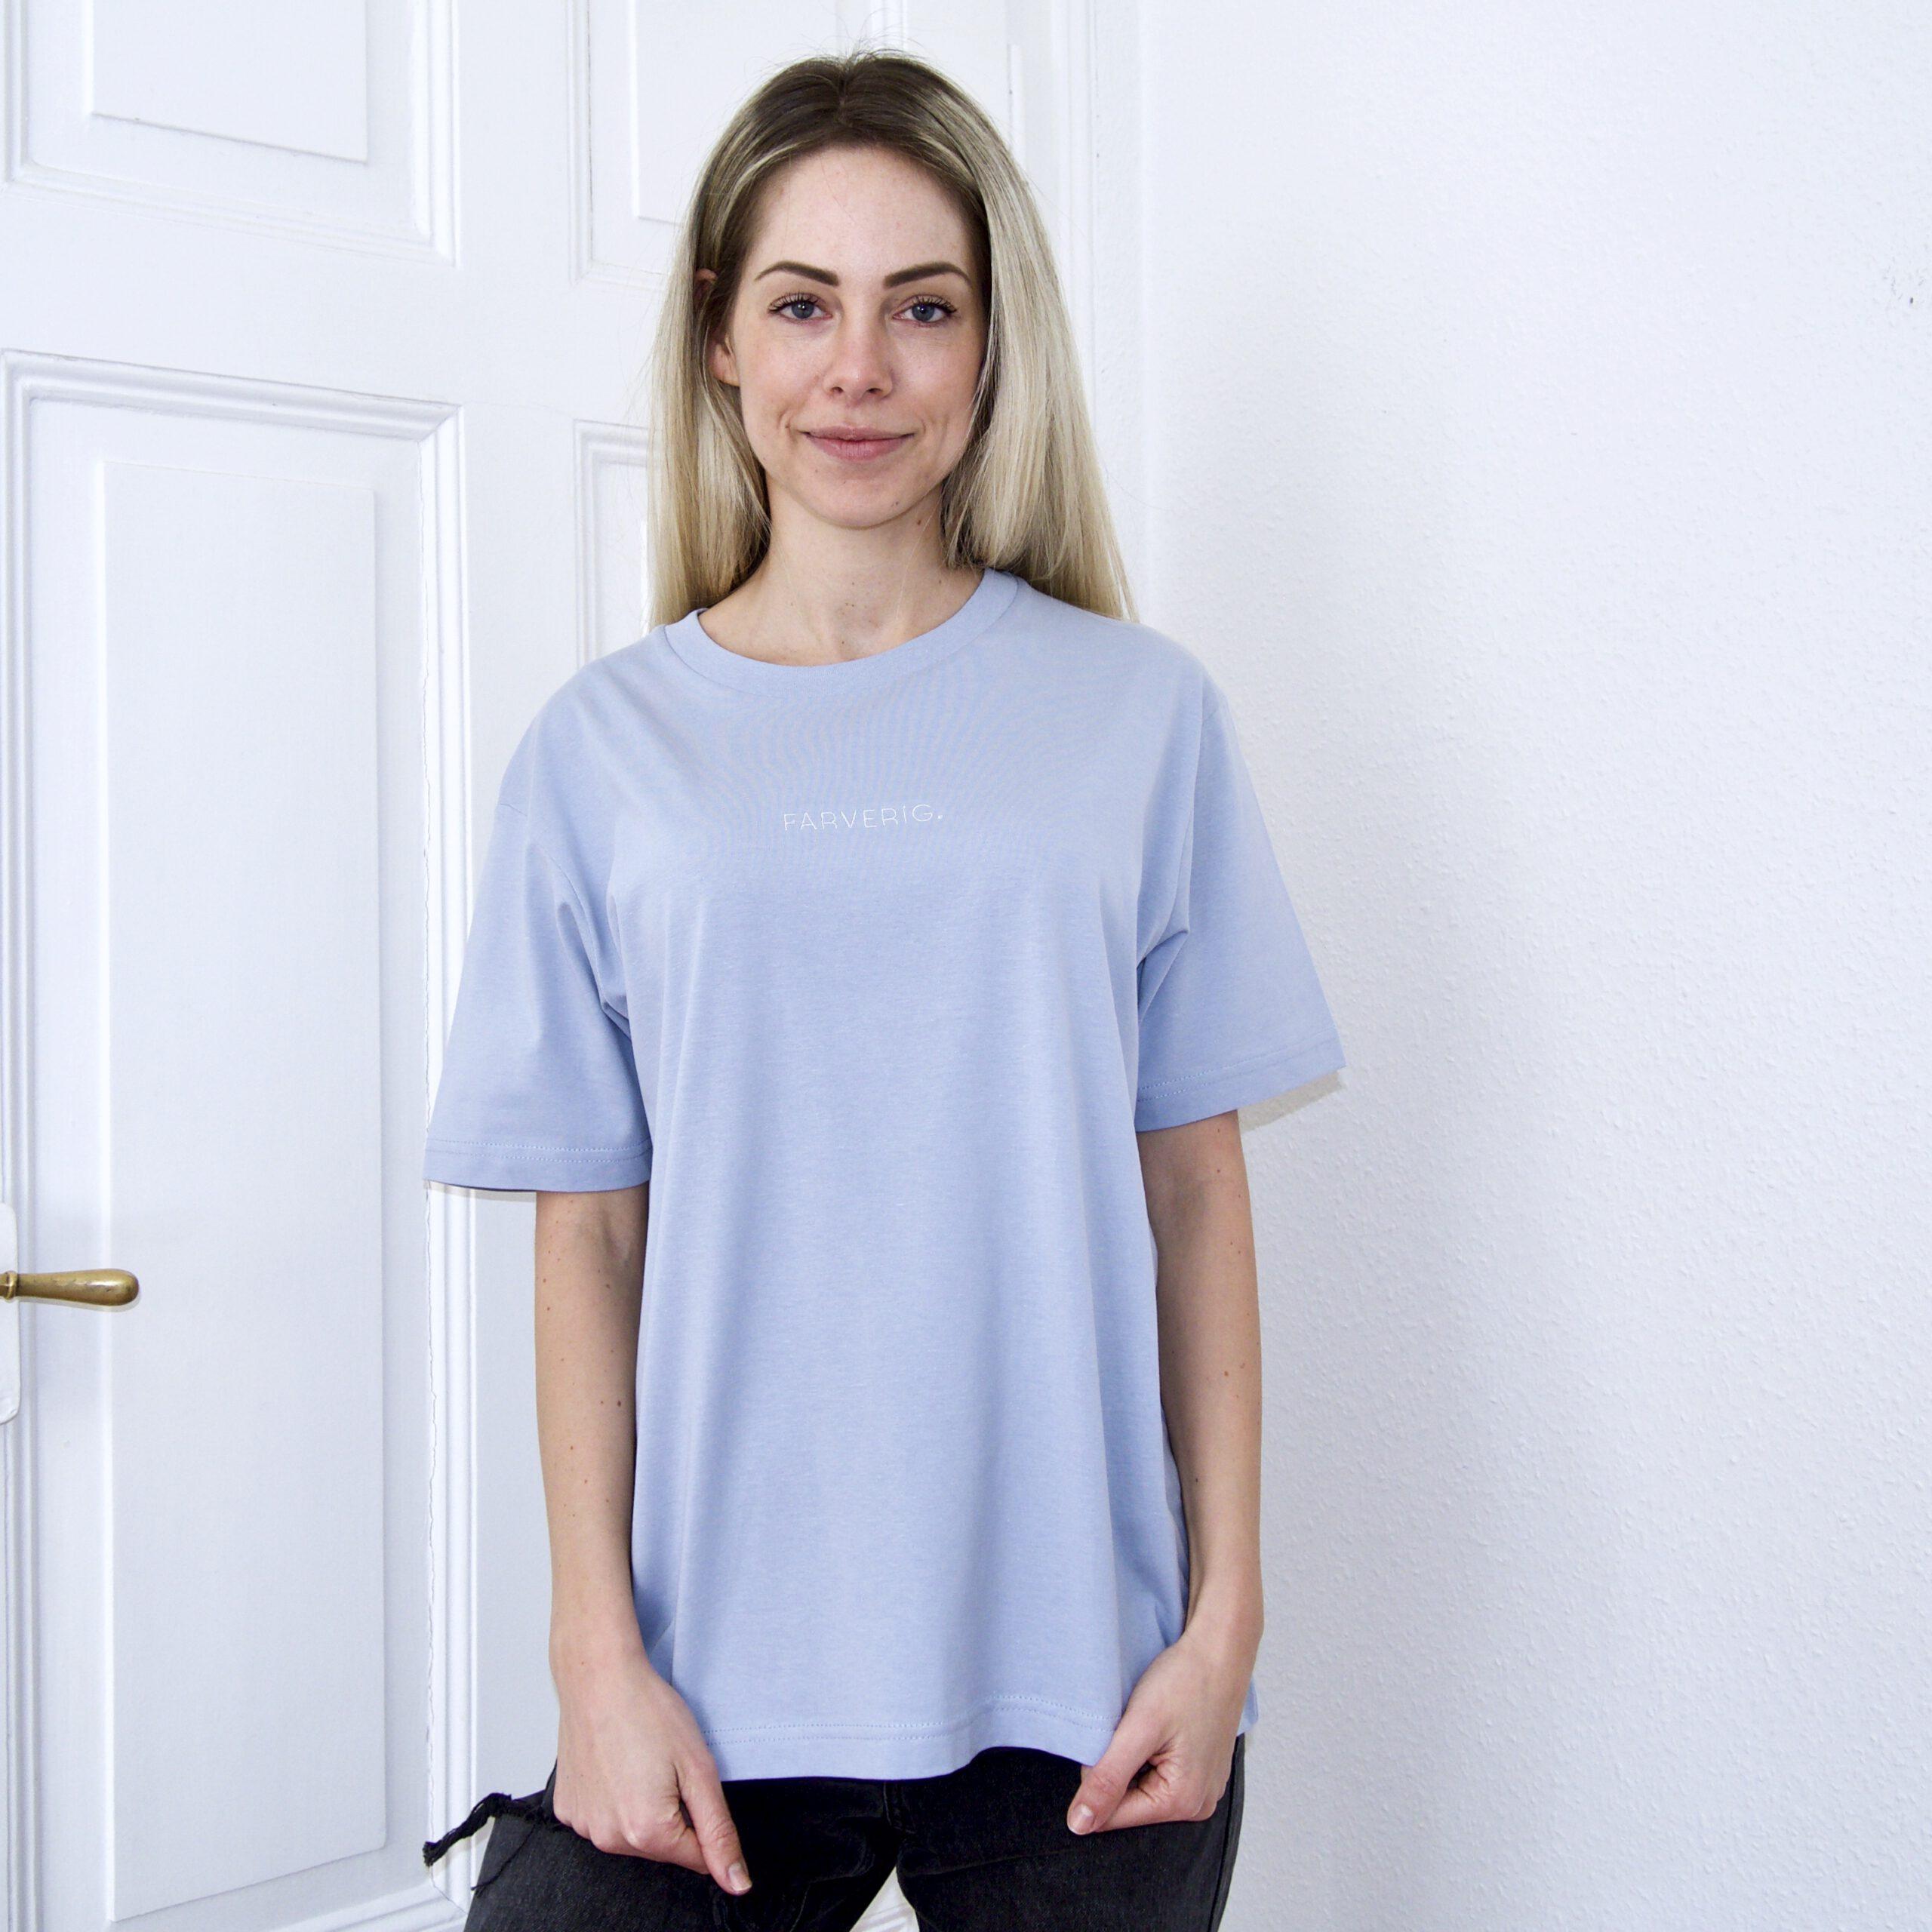 Organic Oversize Basic Shirt – Female Model